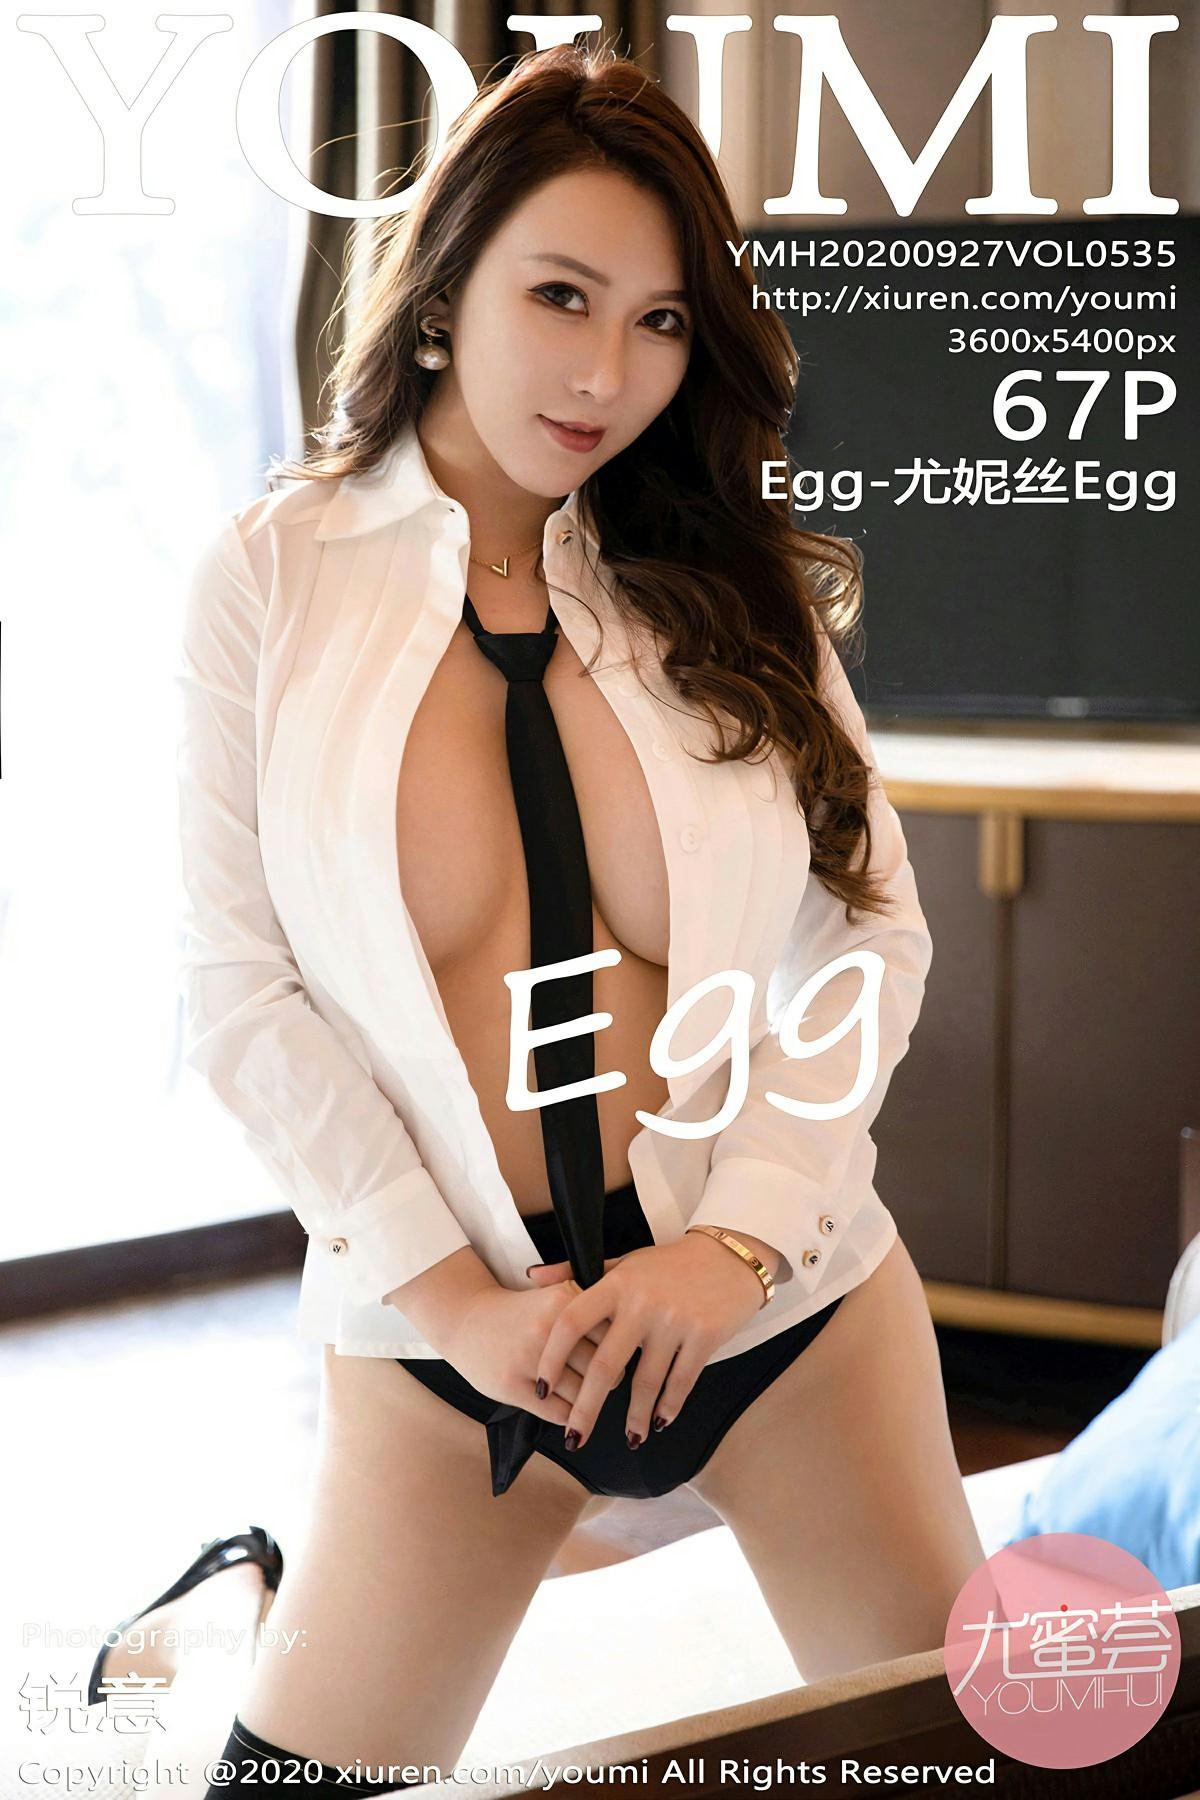 [YOUMI尤蜜荟] 2020.09.27 VOL.535 Egg-尤妮丝Egg 第1张